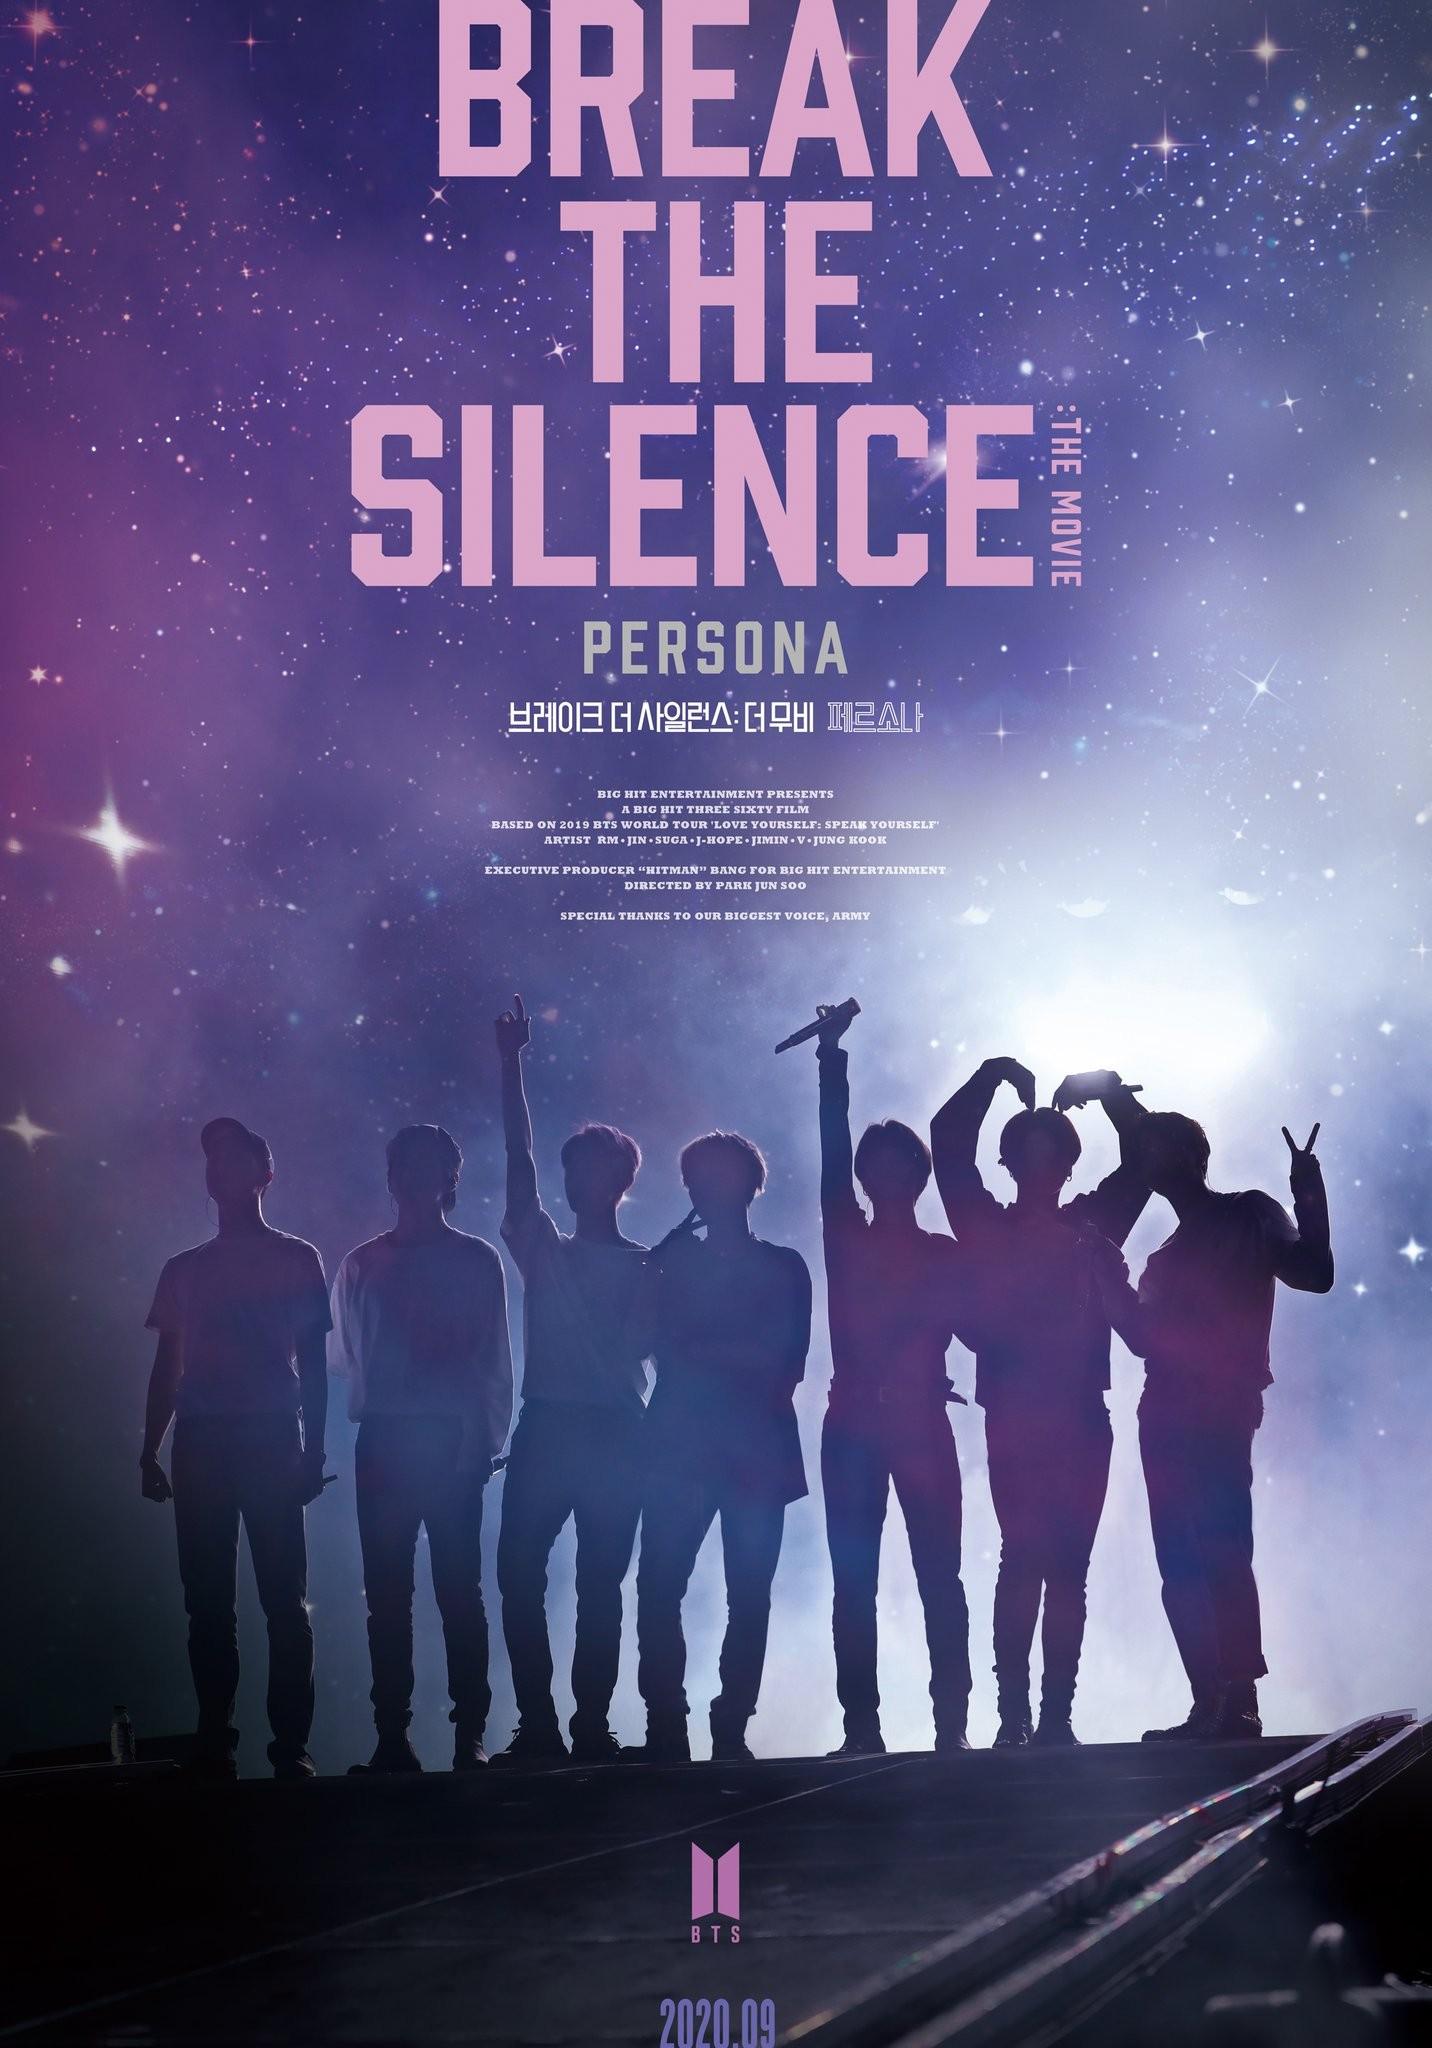 BTS anuncia filme 'Break the silence: The movie', com exibições pelo mundo em setembro